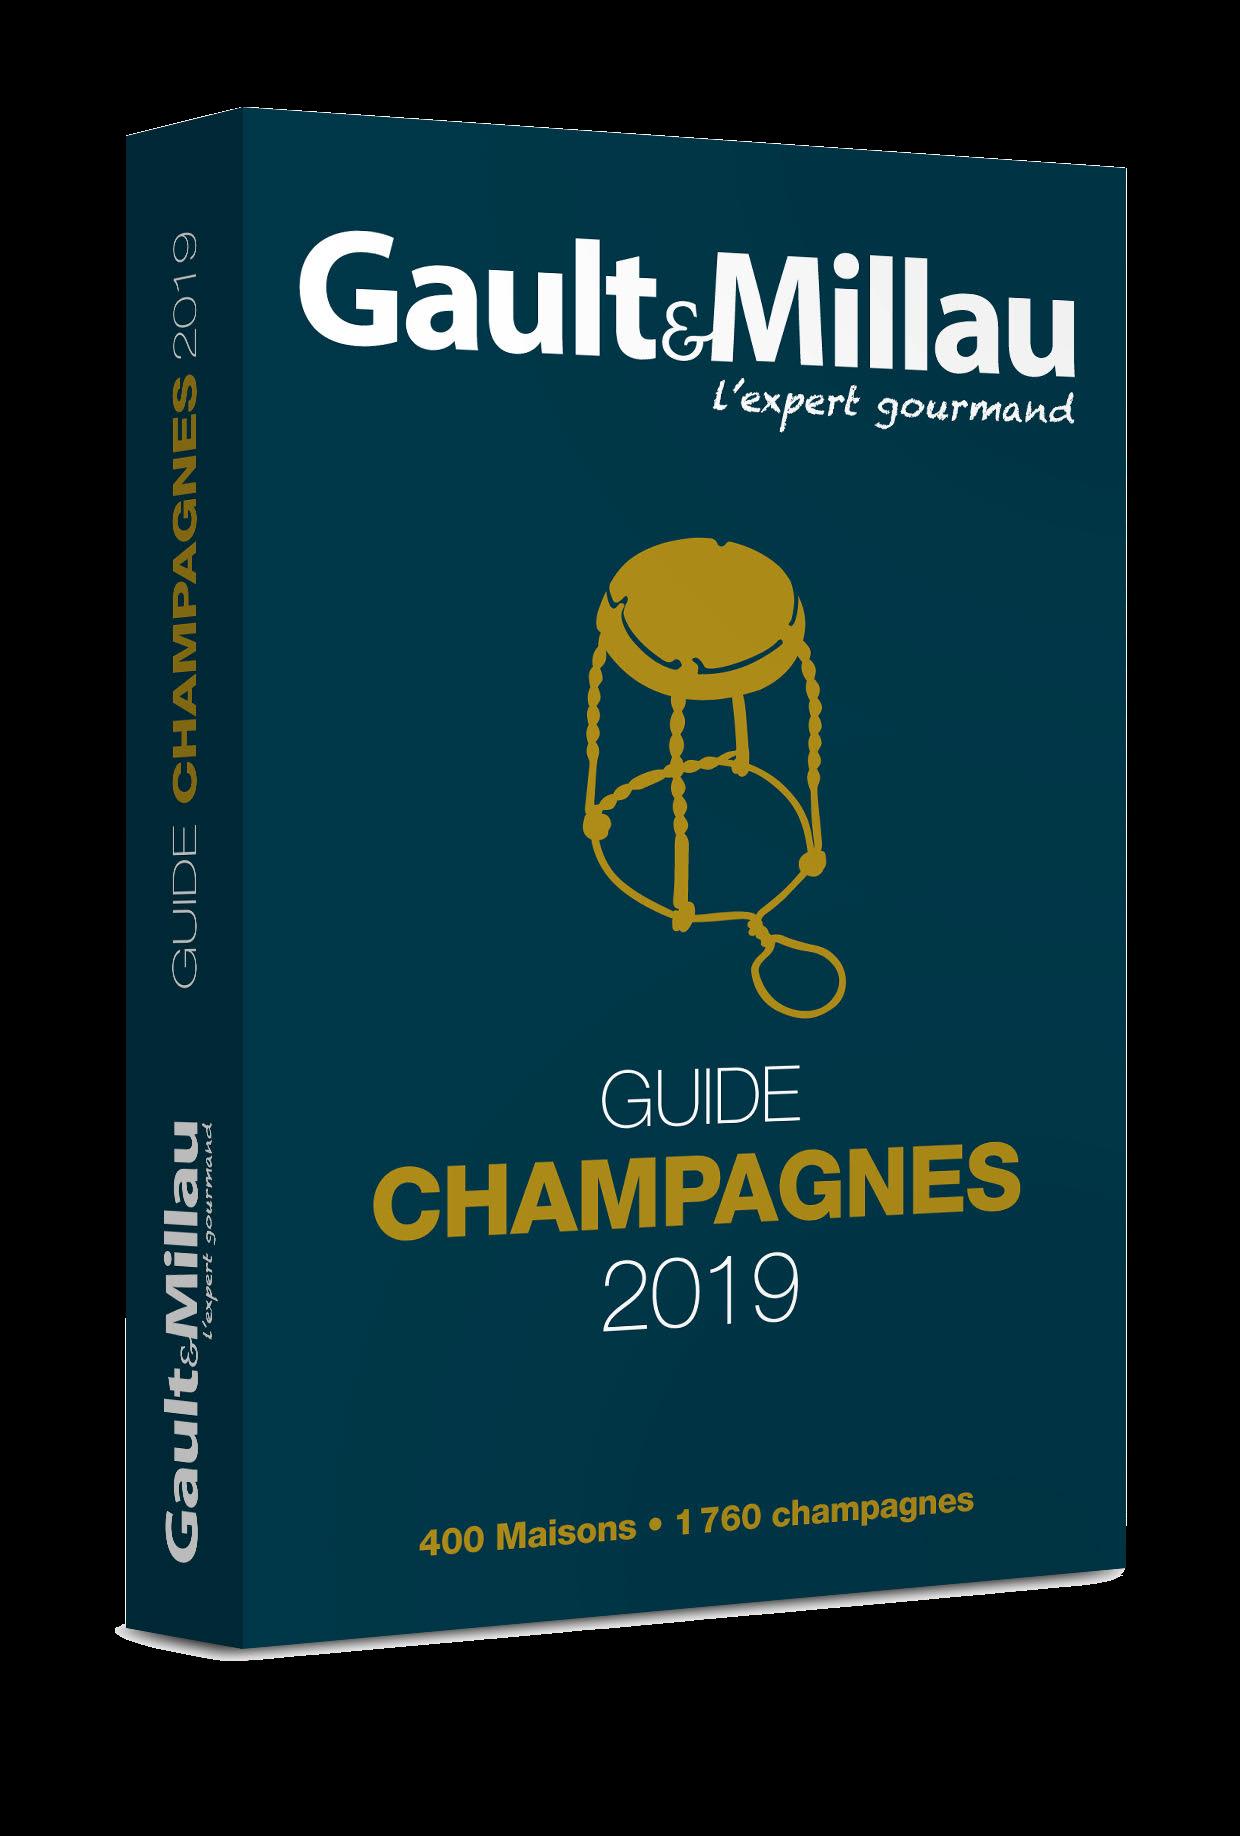 PARUTION-GUIDE-CHAMPAGNE-GAULT-ET-MILLAU-2019